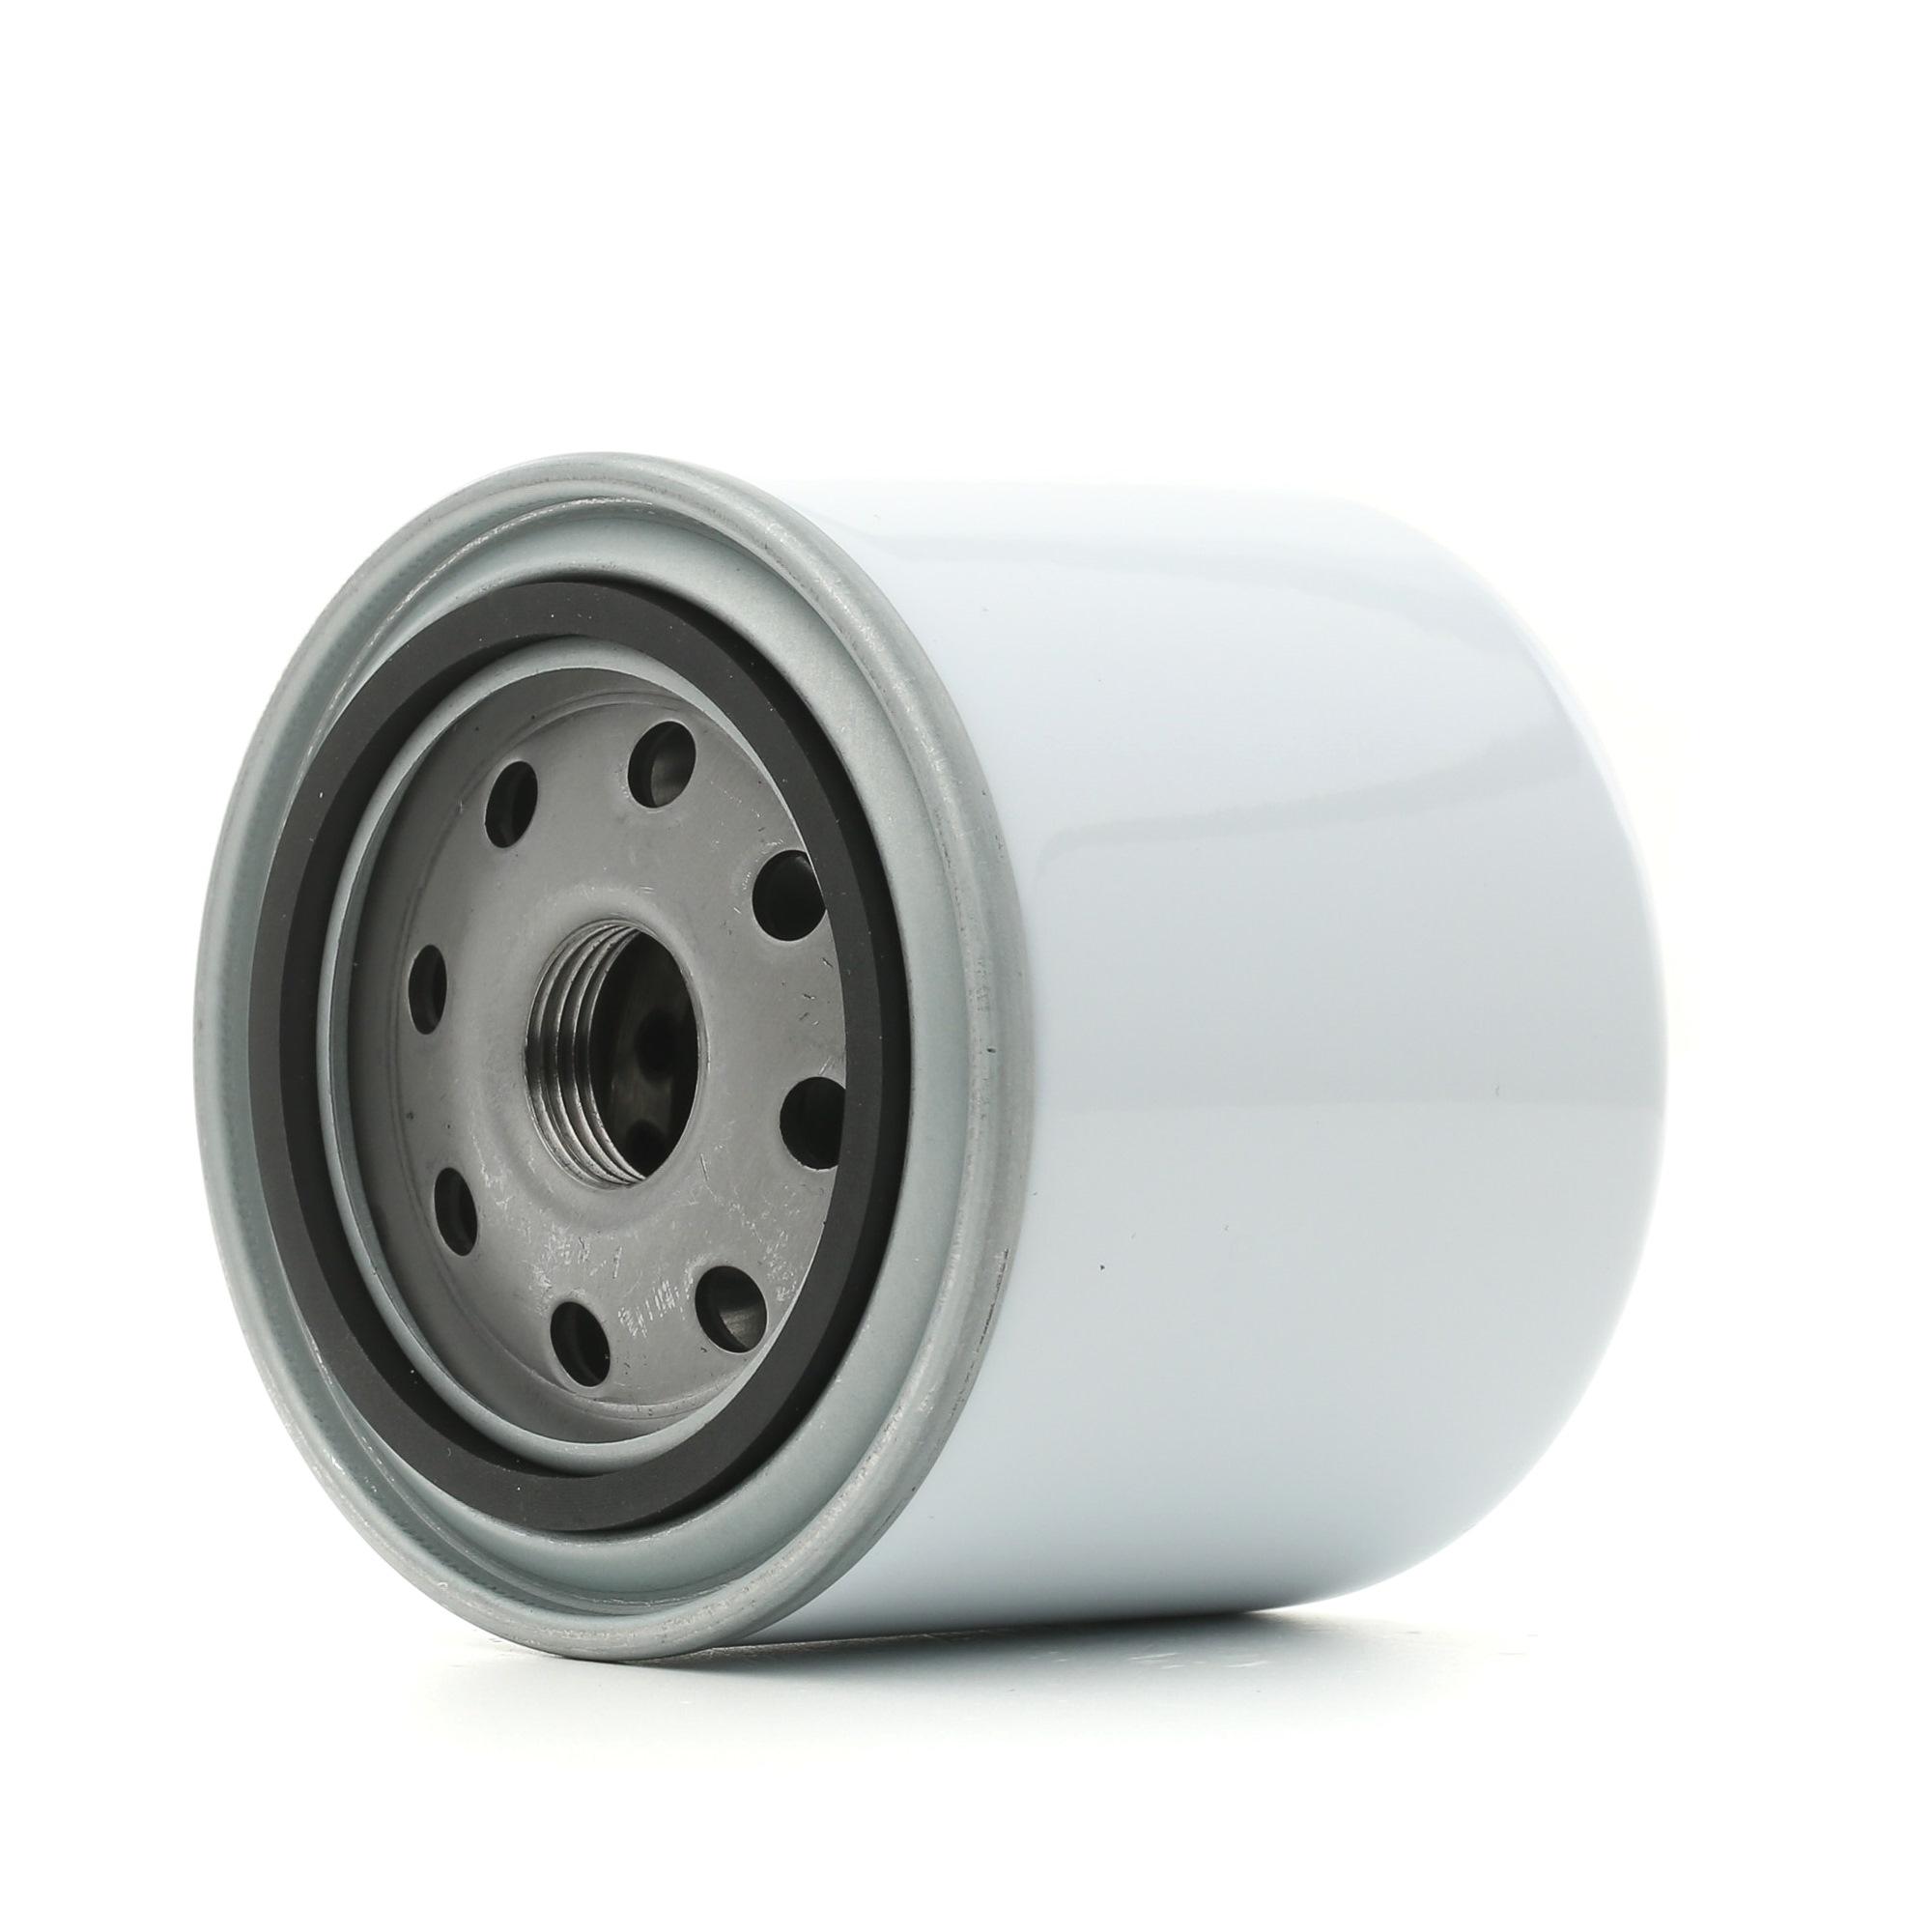 ISUZU Filtre à carburant d'Origine SKFF-0870239